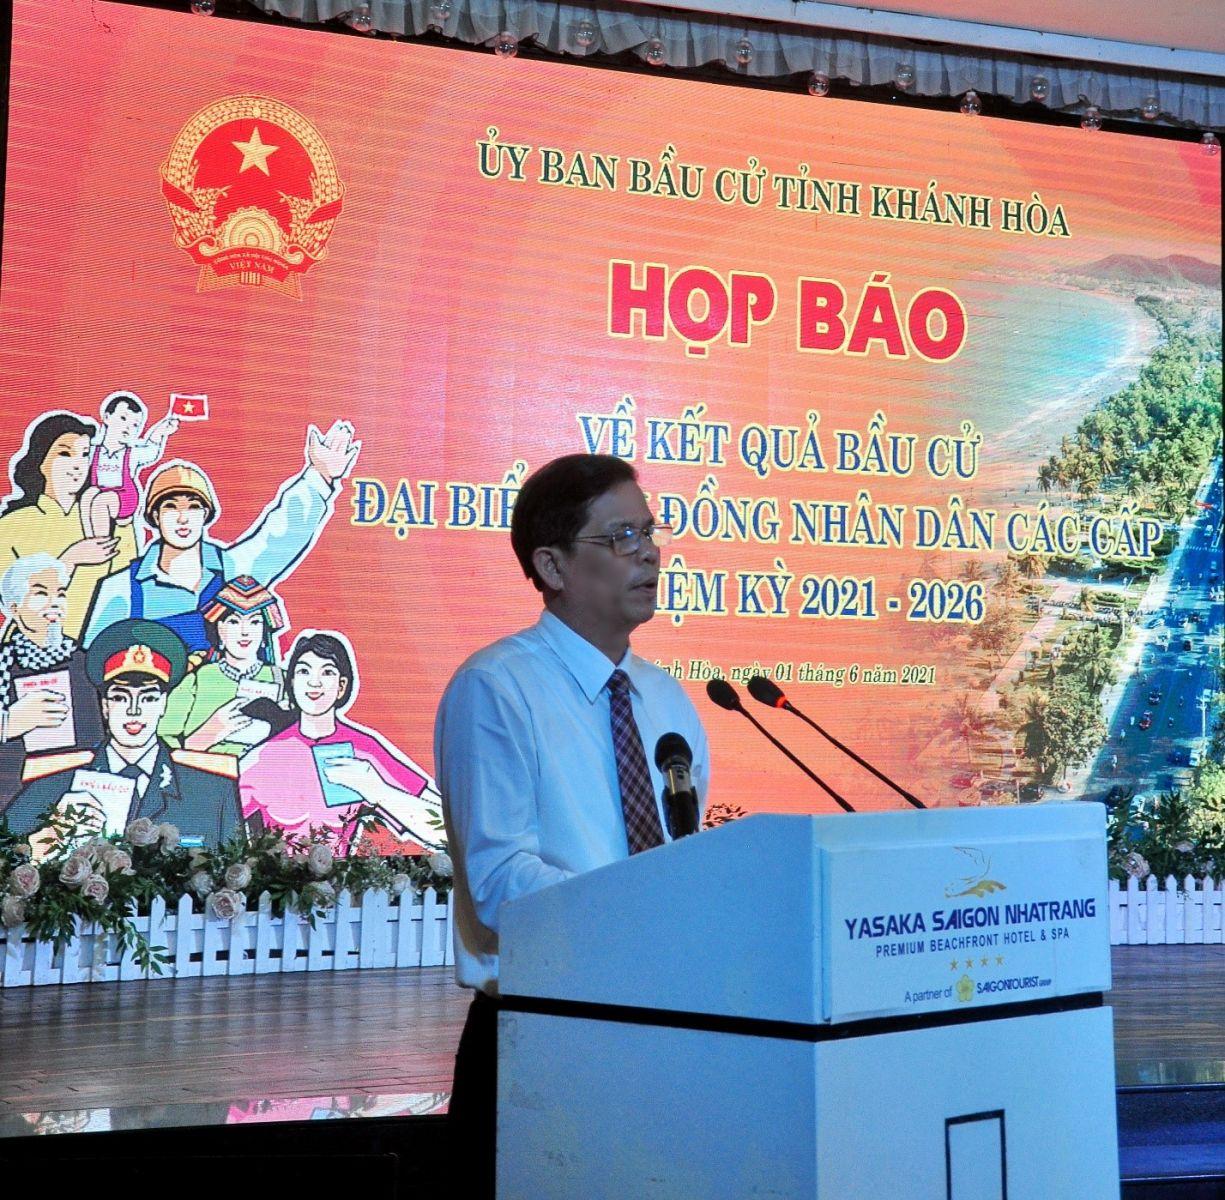 Ông Nguyễn Tấn Tuân – Phó Bí thư Tỉnh ủy, Chủ tịch UBND tỉnh